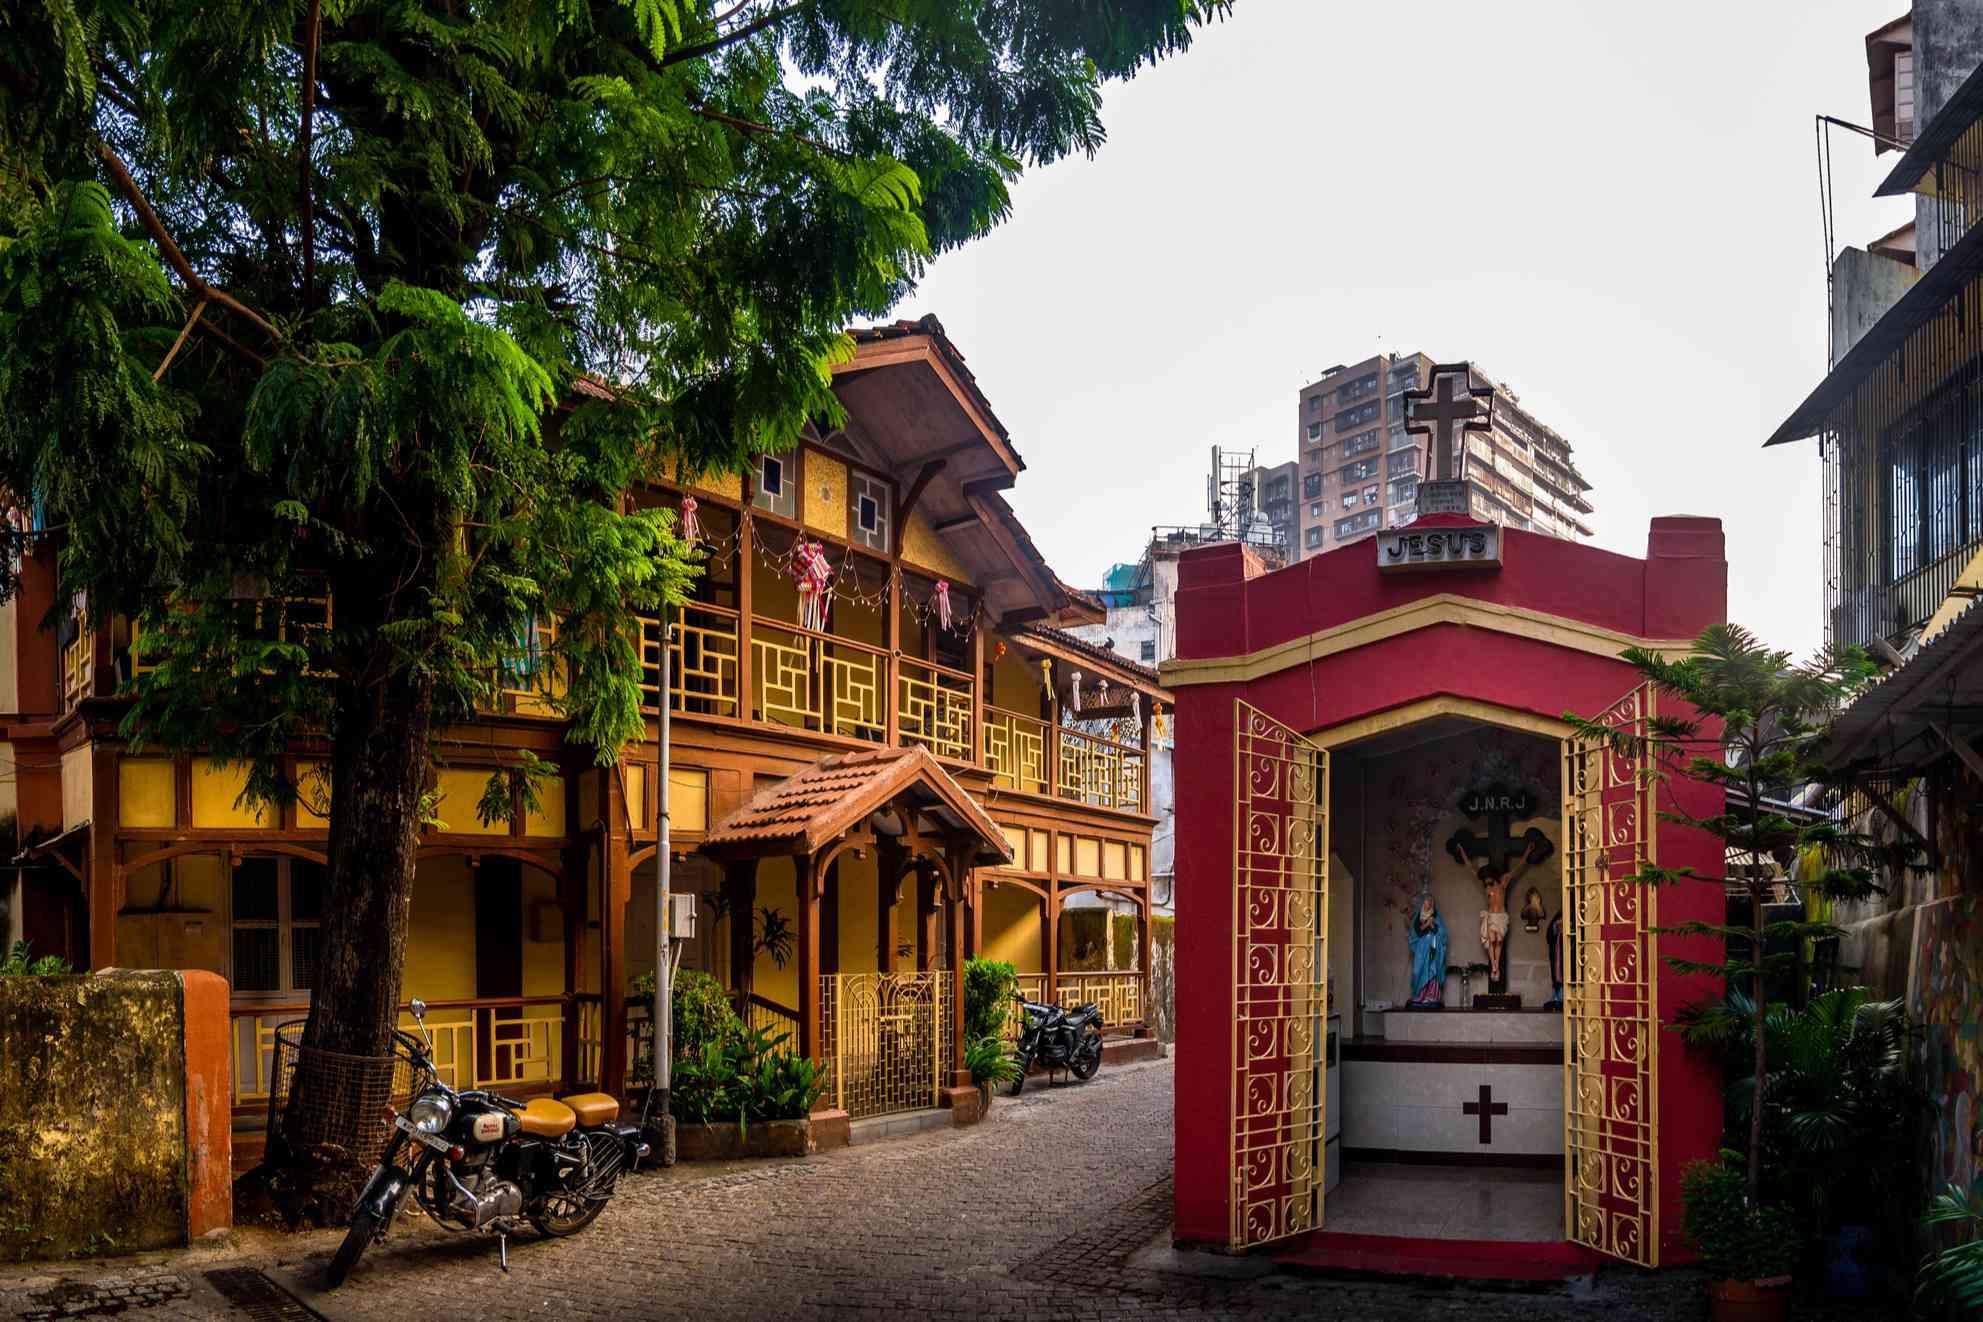 Heritage houses in a lane of Khotachiwadi at south Mumbai